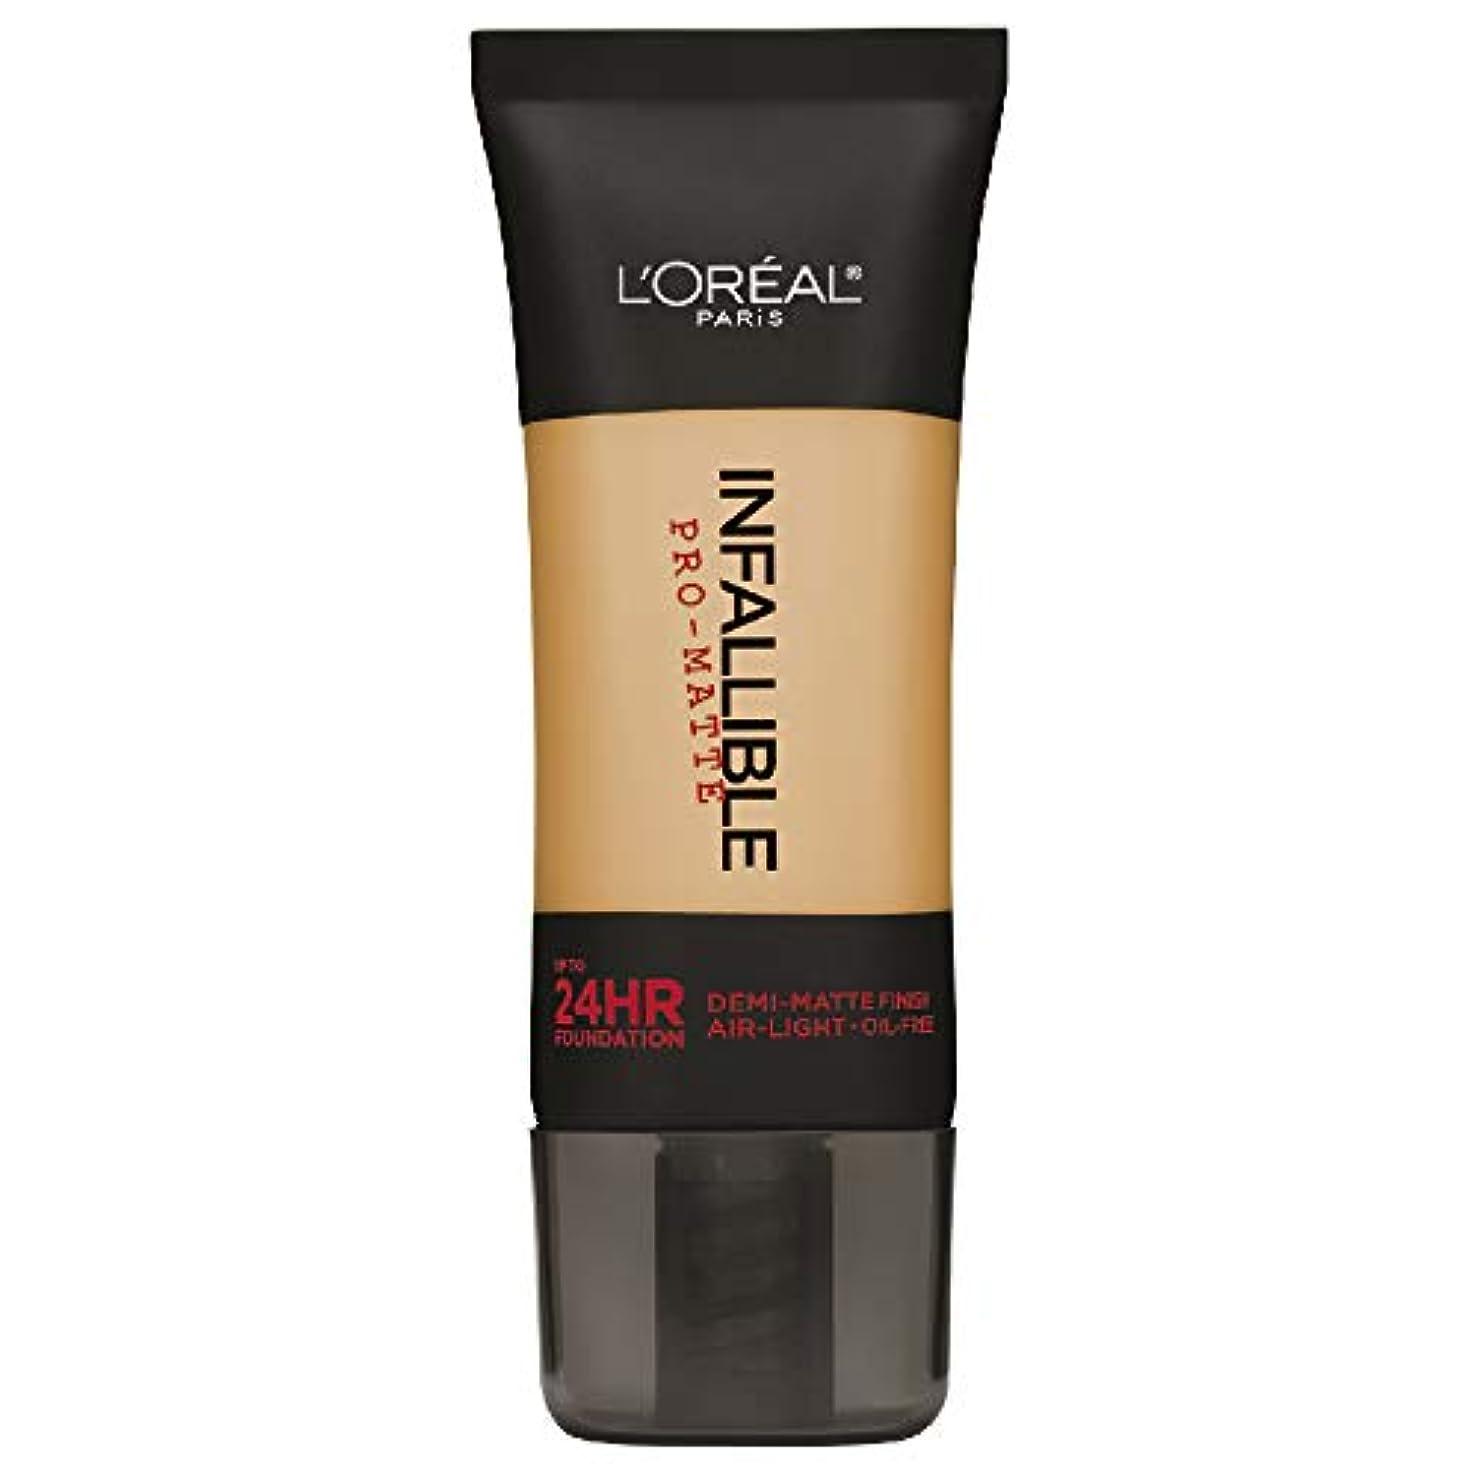 さまよう潮敵対的L'Oreal Paris Infallible Pro-Matte Foundation Makeup, 106 Sun Beige, 1 fl. oz[並行輸入品]